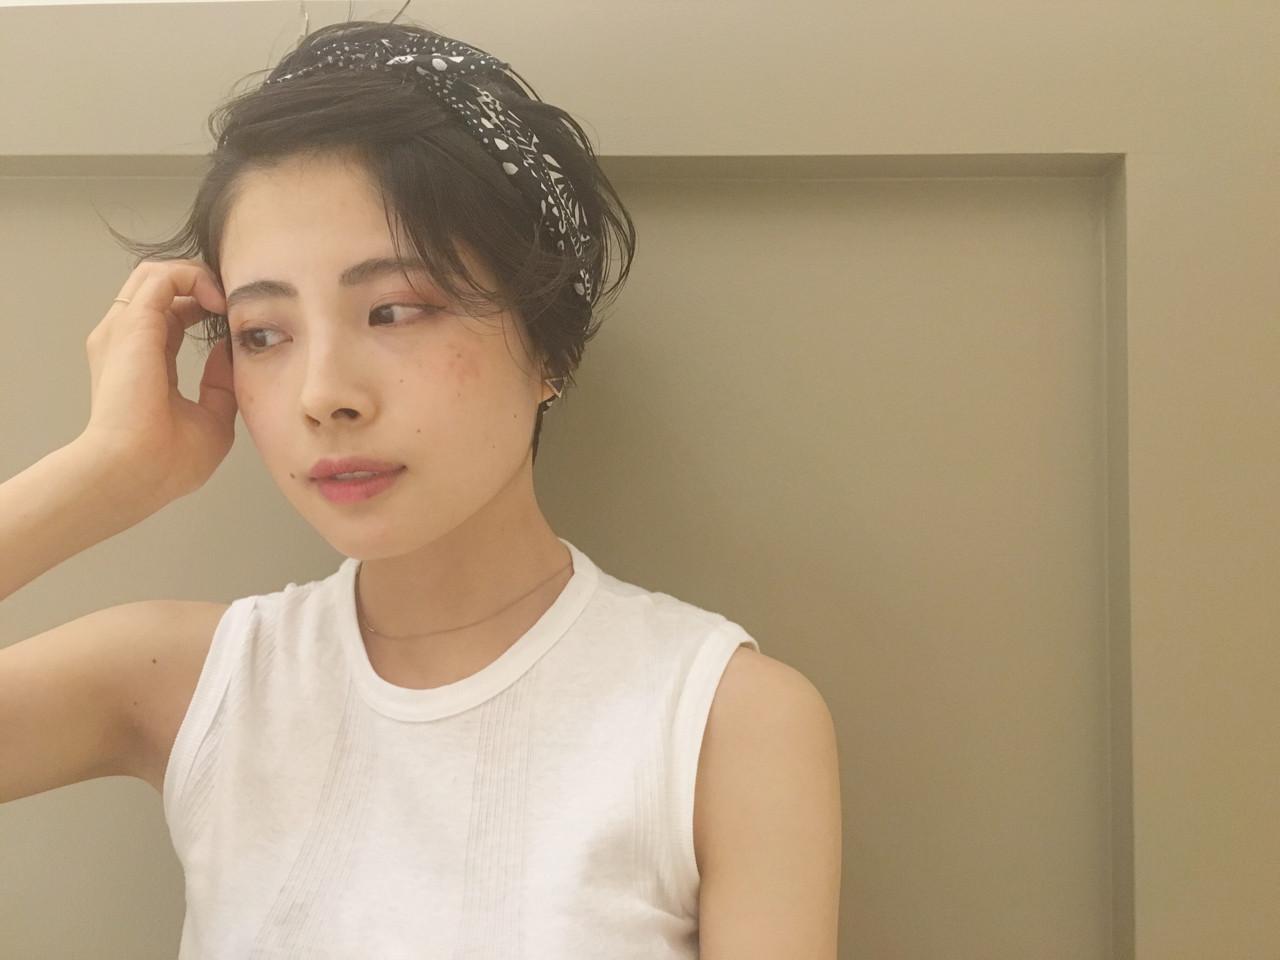 前髪アップ♡すっきり見せのヘアバンドヘアスタイル☆ hashimoto/LOUIE